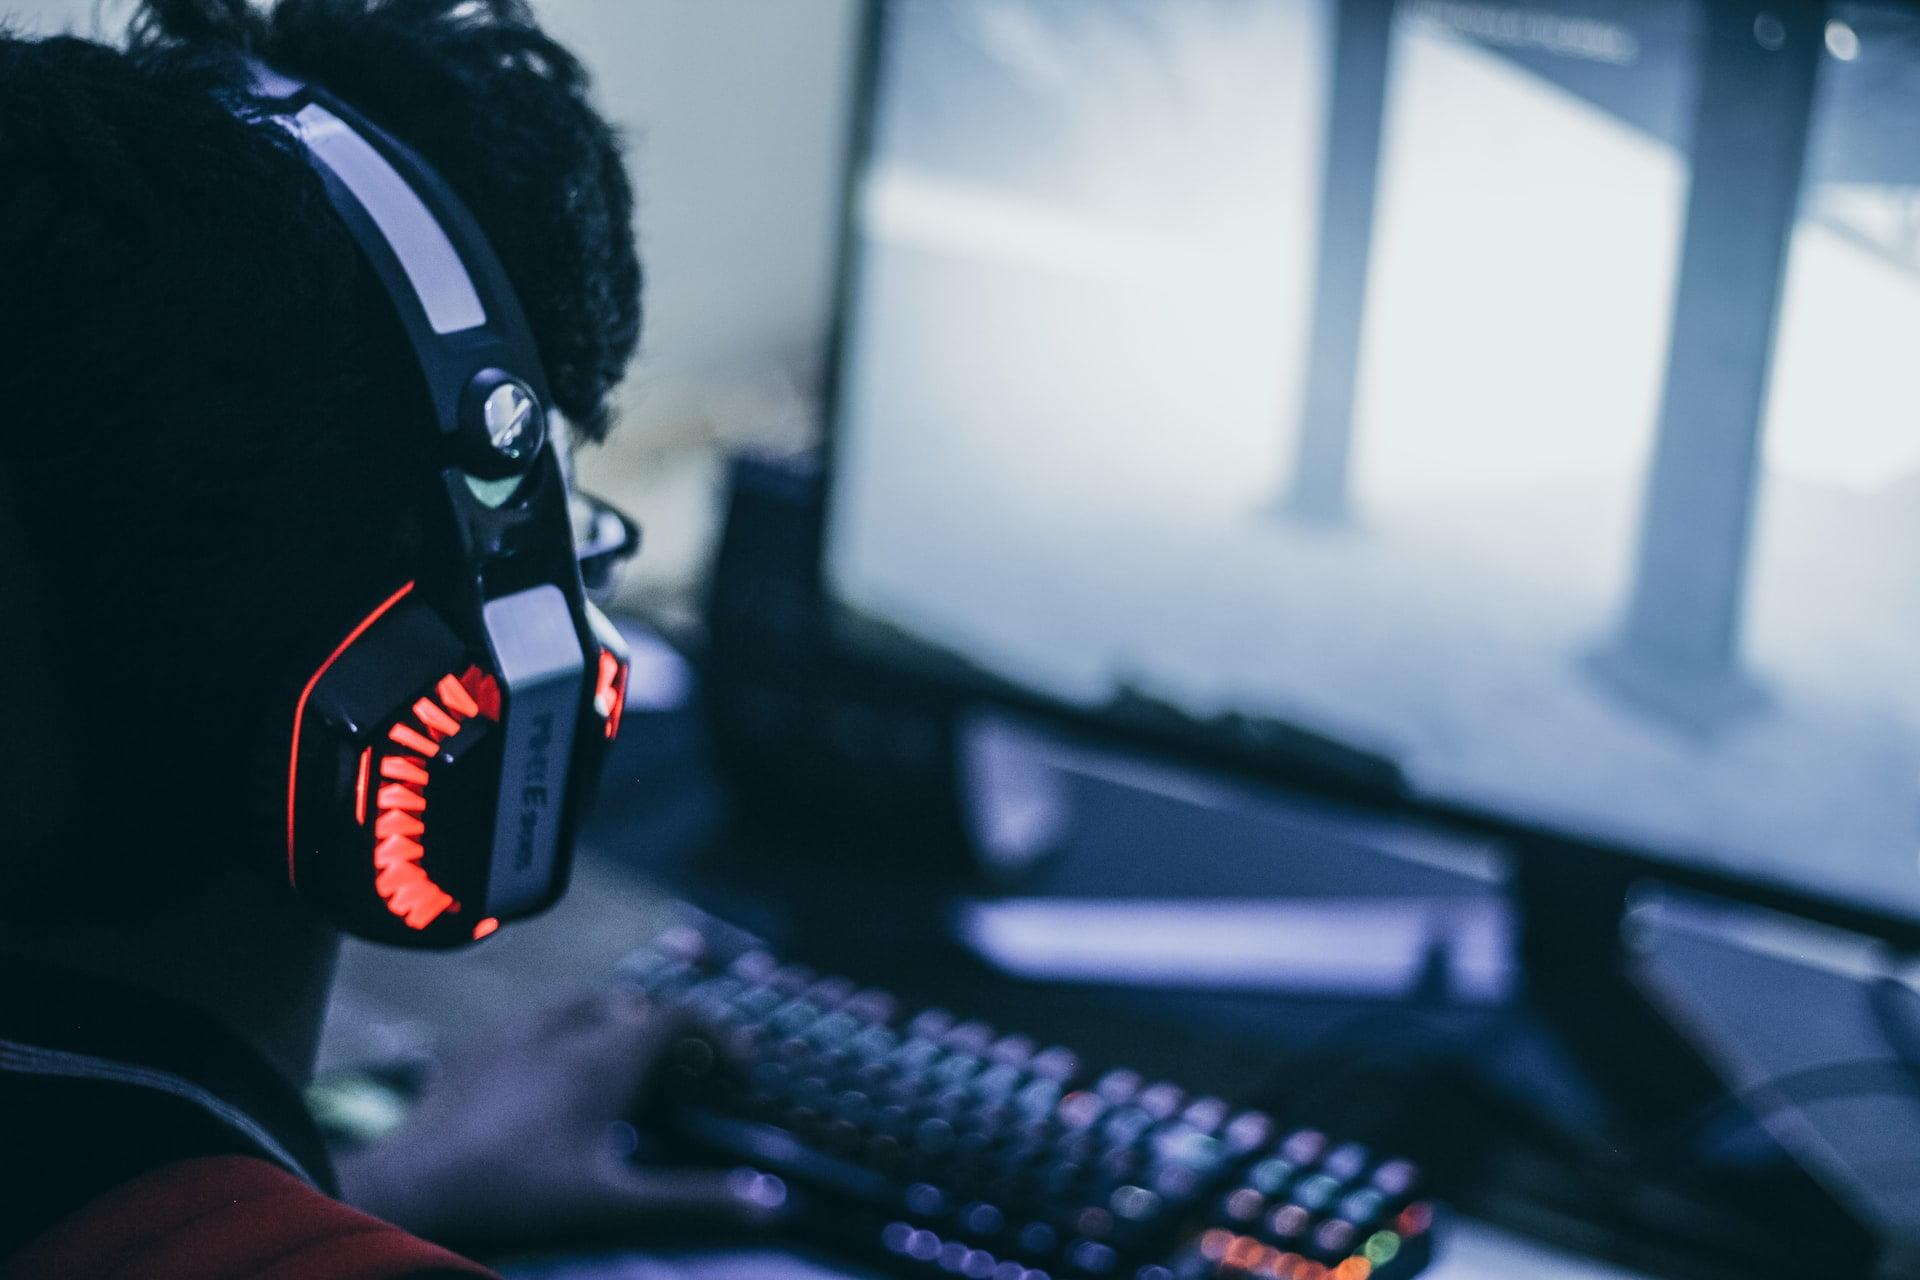 6 syytä miksi videopelien pelaaminen on hyväksi nuorille